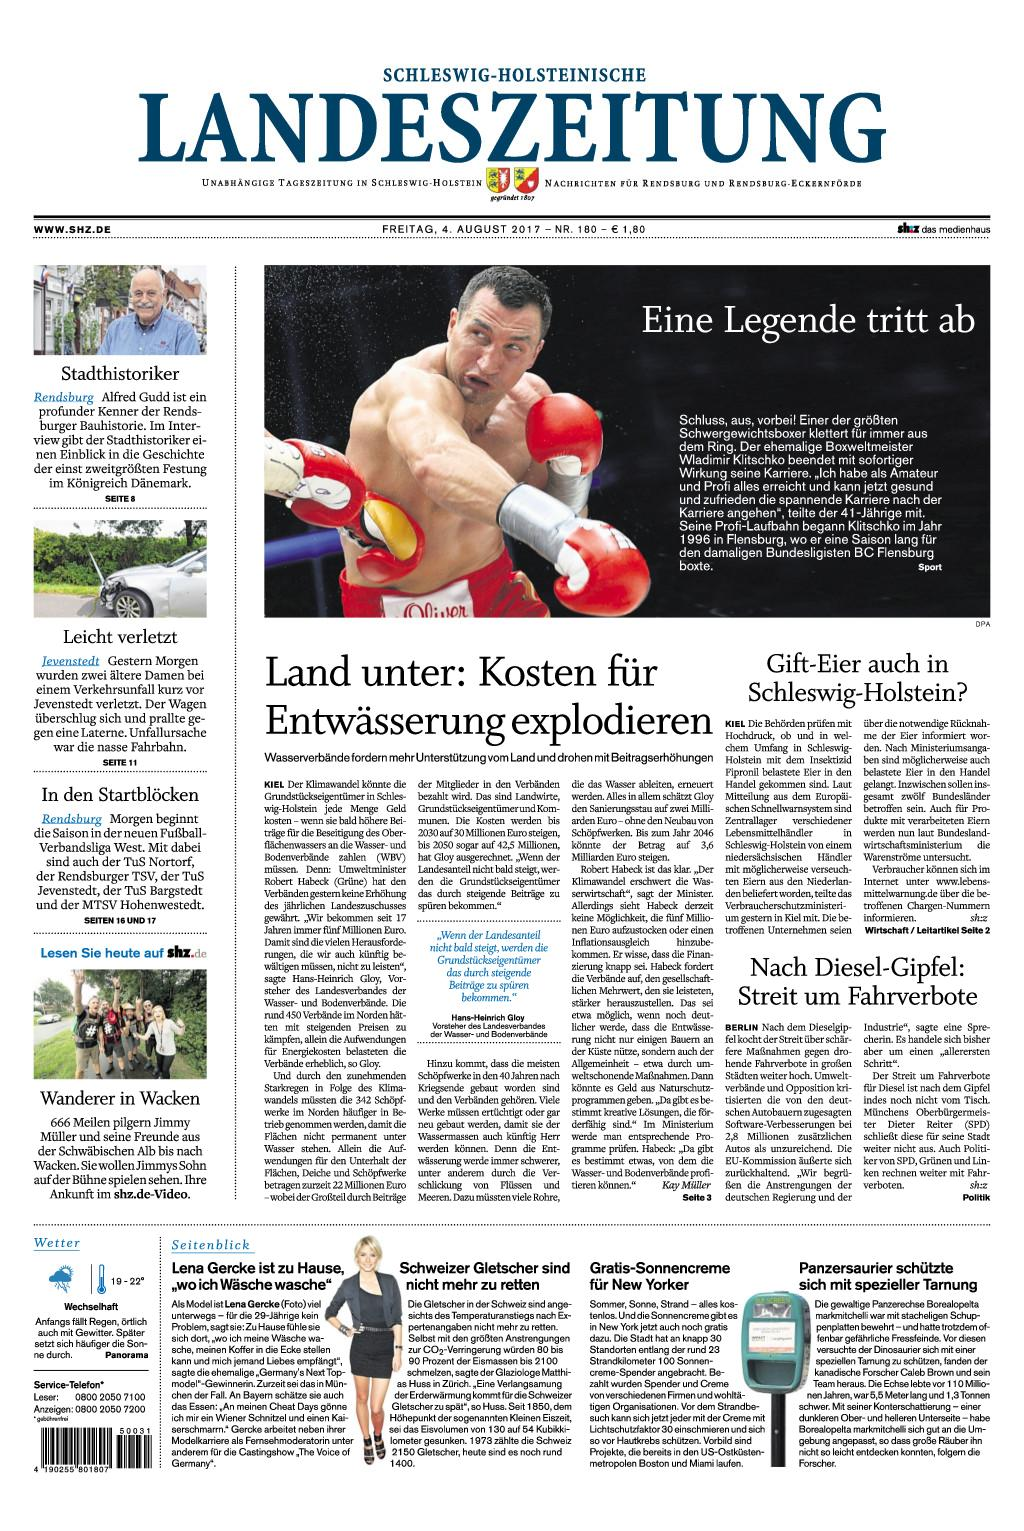 Schleswig Holsteinische Landeszeitung 04 August 2017